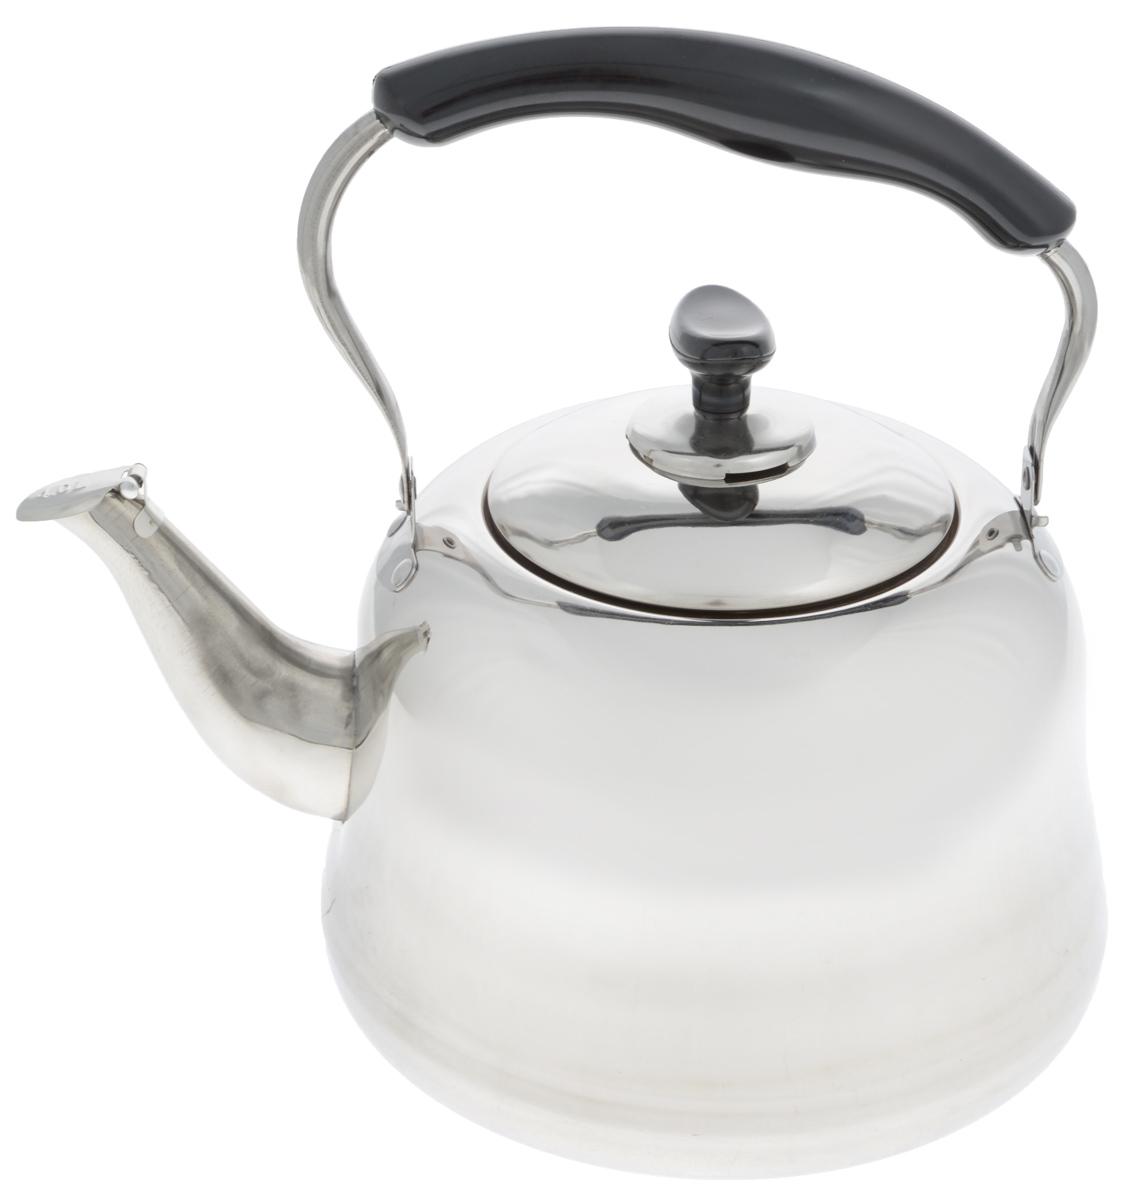 Чайник Mayer & Boch, со свистком, 4 л. 2350717068Чайник Mayer & Boch изготовлен из высококачественной нержавеющей стали. Он оснащен подвижной ручкой из стали с бакелитовой накладкой, что делает использование чайника очень удобным и безопасным. Крышка снабжена свистком, позволяя контролировать процесс подогрева или кипячения воды. Эстетичный и функциональный чайник будет оригинально смотреться в любом интерьере. Подходит для газовых, электрических и стеклокерамических плит. Можно мыть в посудомоечной машине.Высота чайника (без учета ручки и крышки): 15 см.Высота чайника (с учетом ручки и крышки): 28 см.Диаметр чайника (по верхнему краю): 12,5 см.